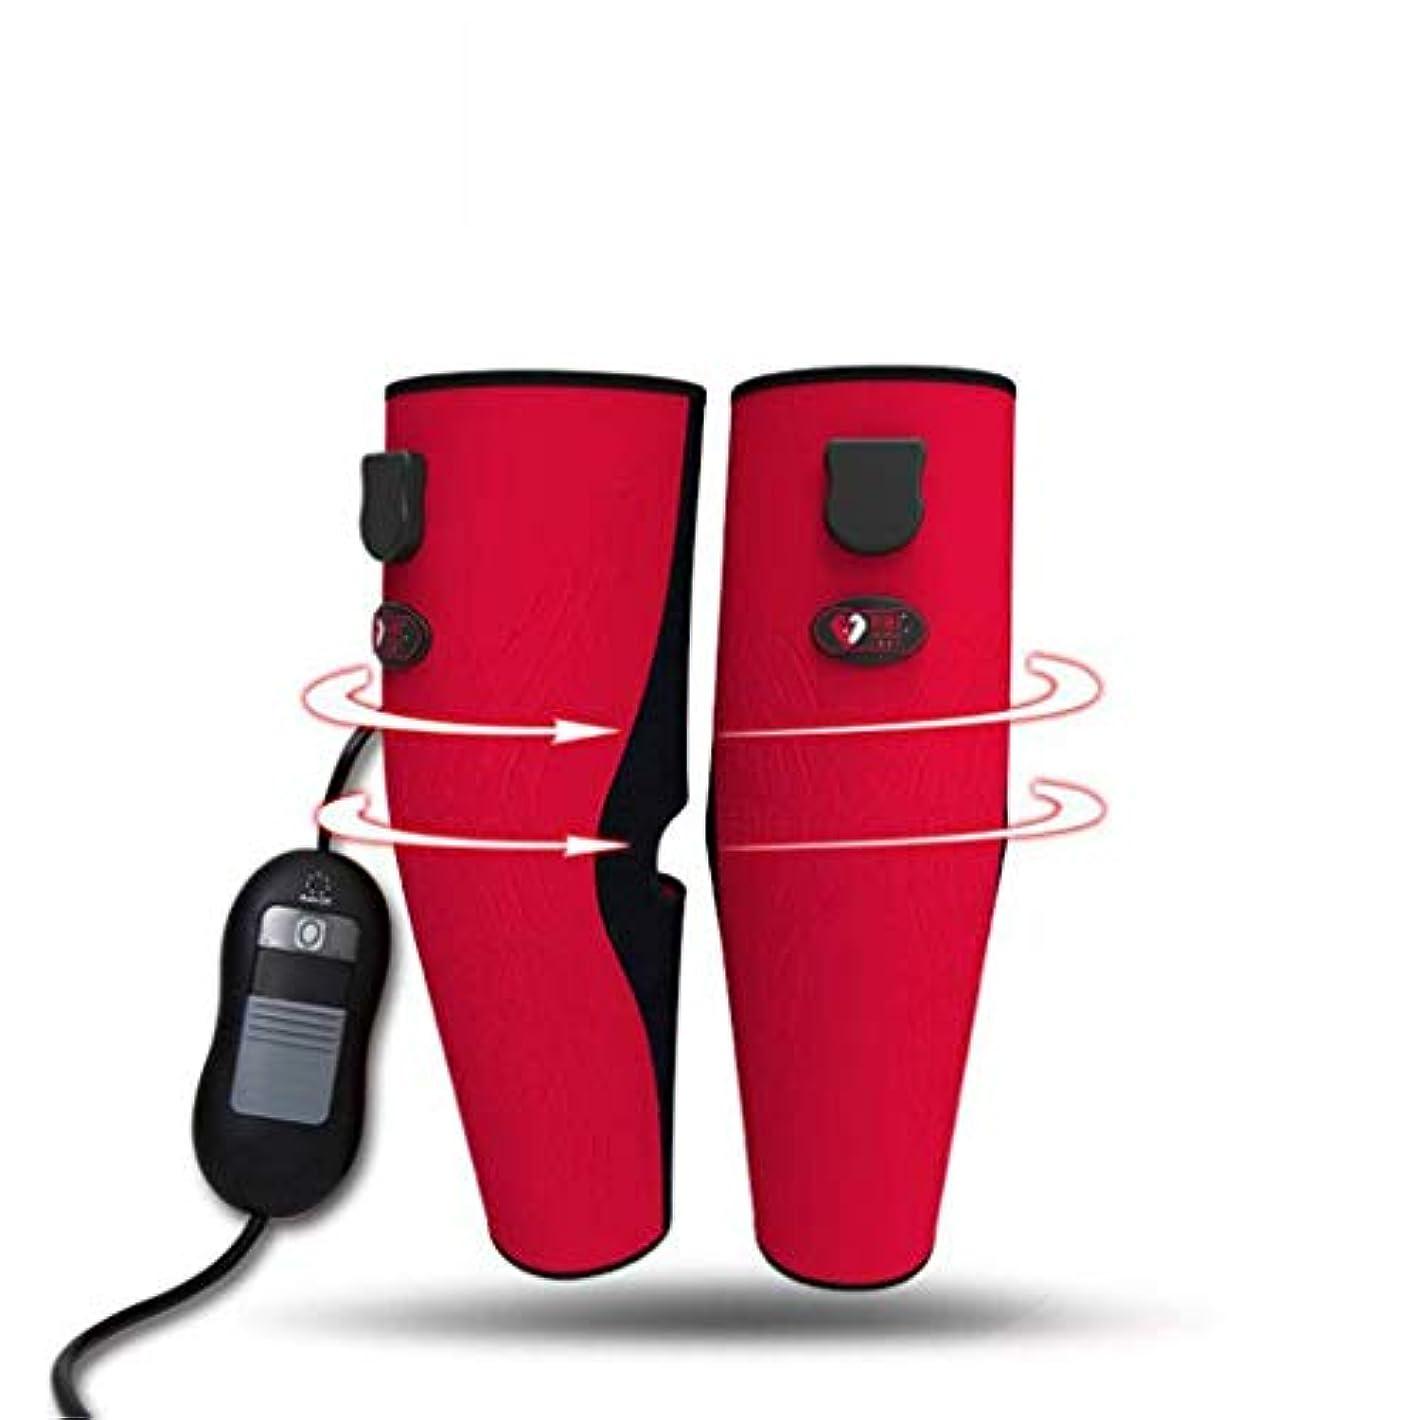 迷彩田舎者バックアップ温められた足のマッサージャー、膝と足の痛みを和らげる治療装置、3モード温度制御の痛みを和らげる治療装置